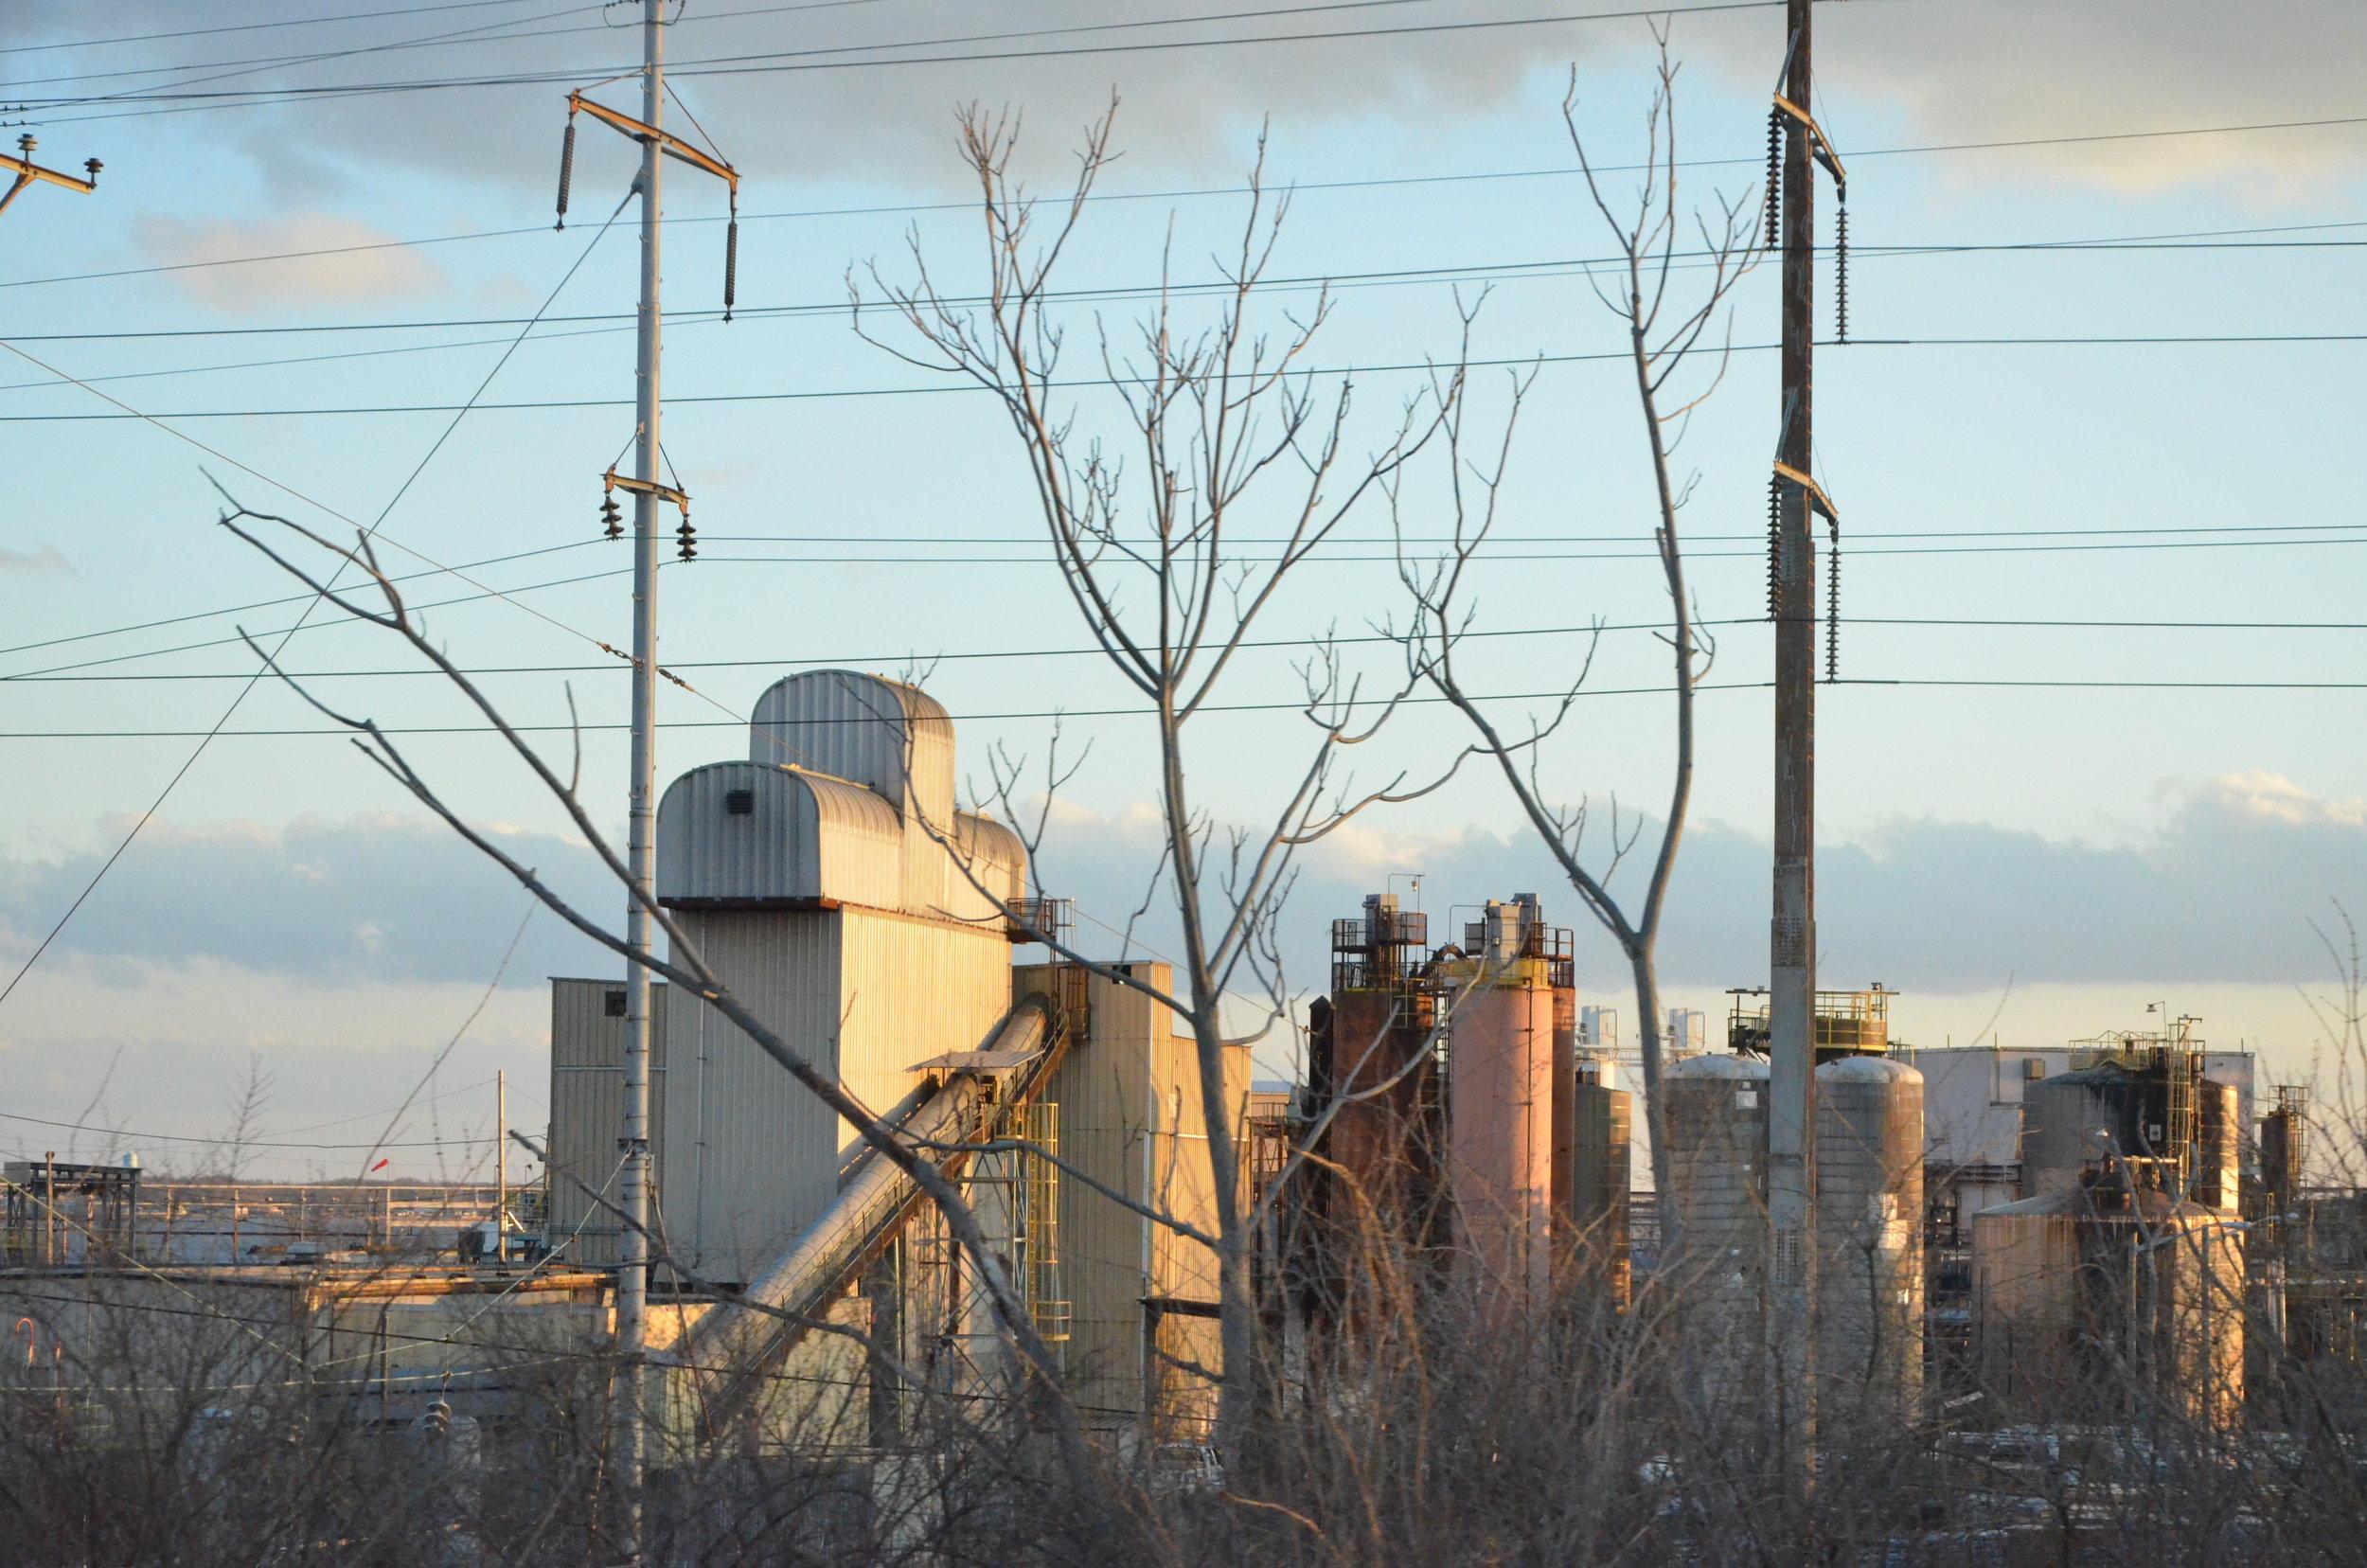 Allentown Factory